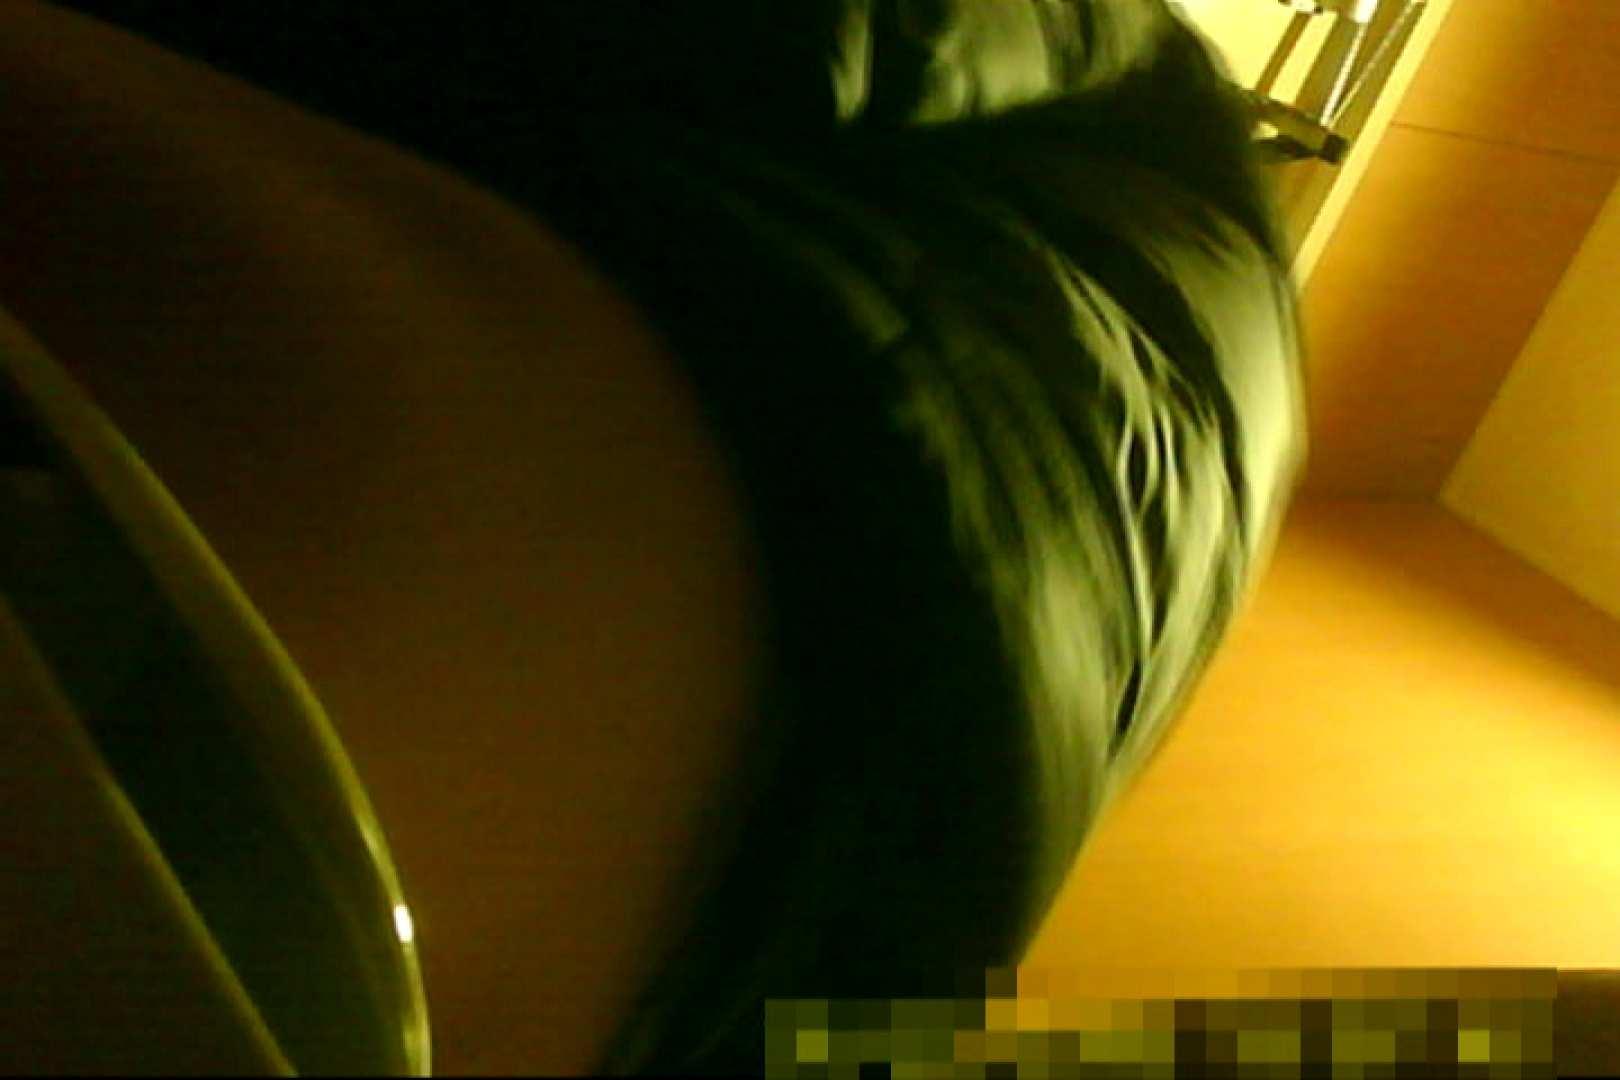 魅惑の化粧室~禁断のプライベート空間~15 お姉さんの女体   プライベート  57pic 18